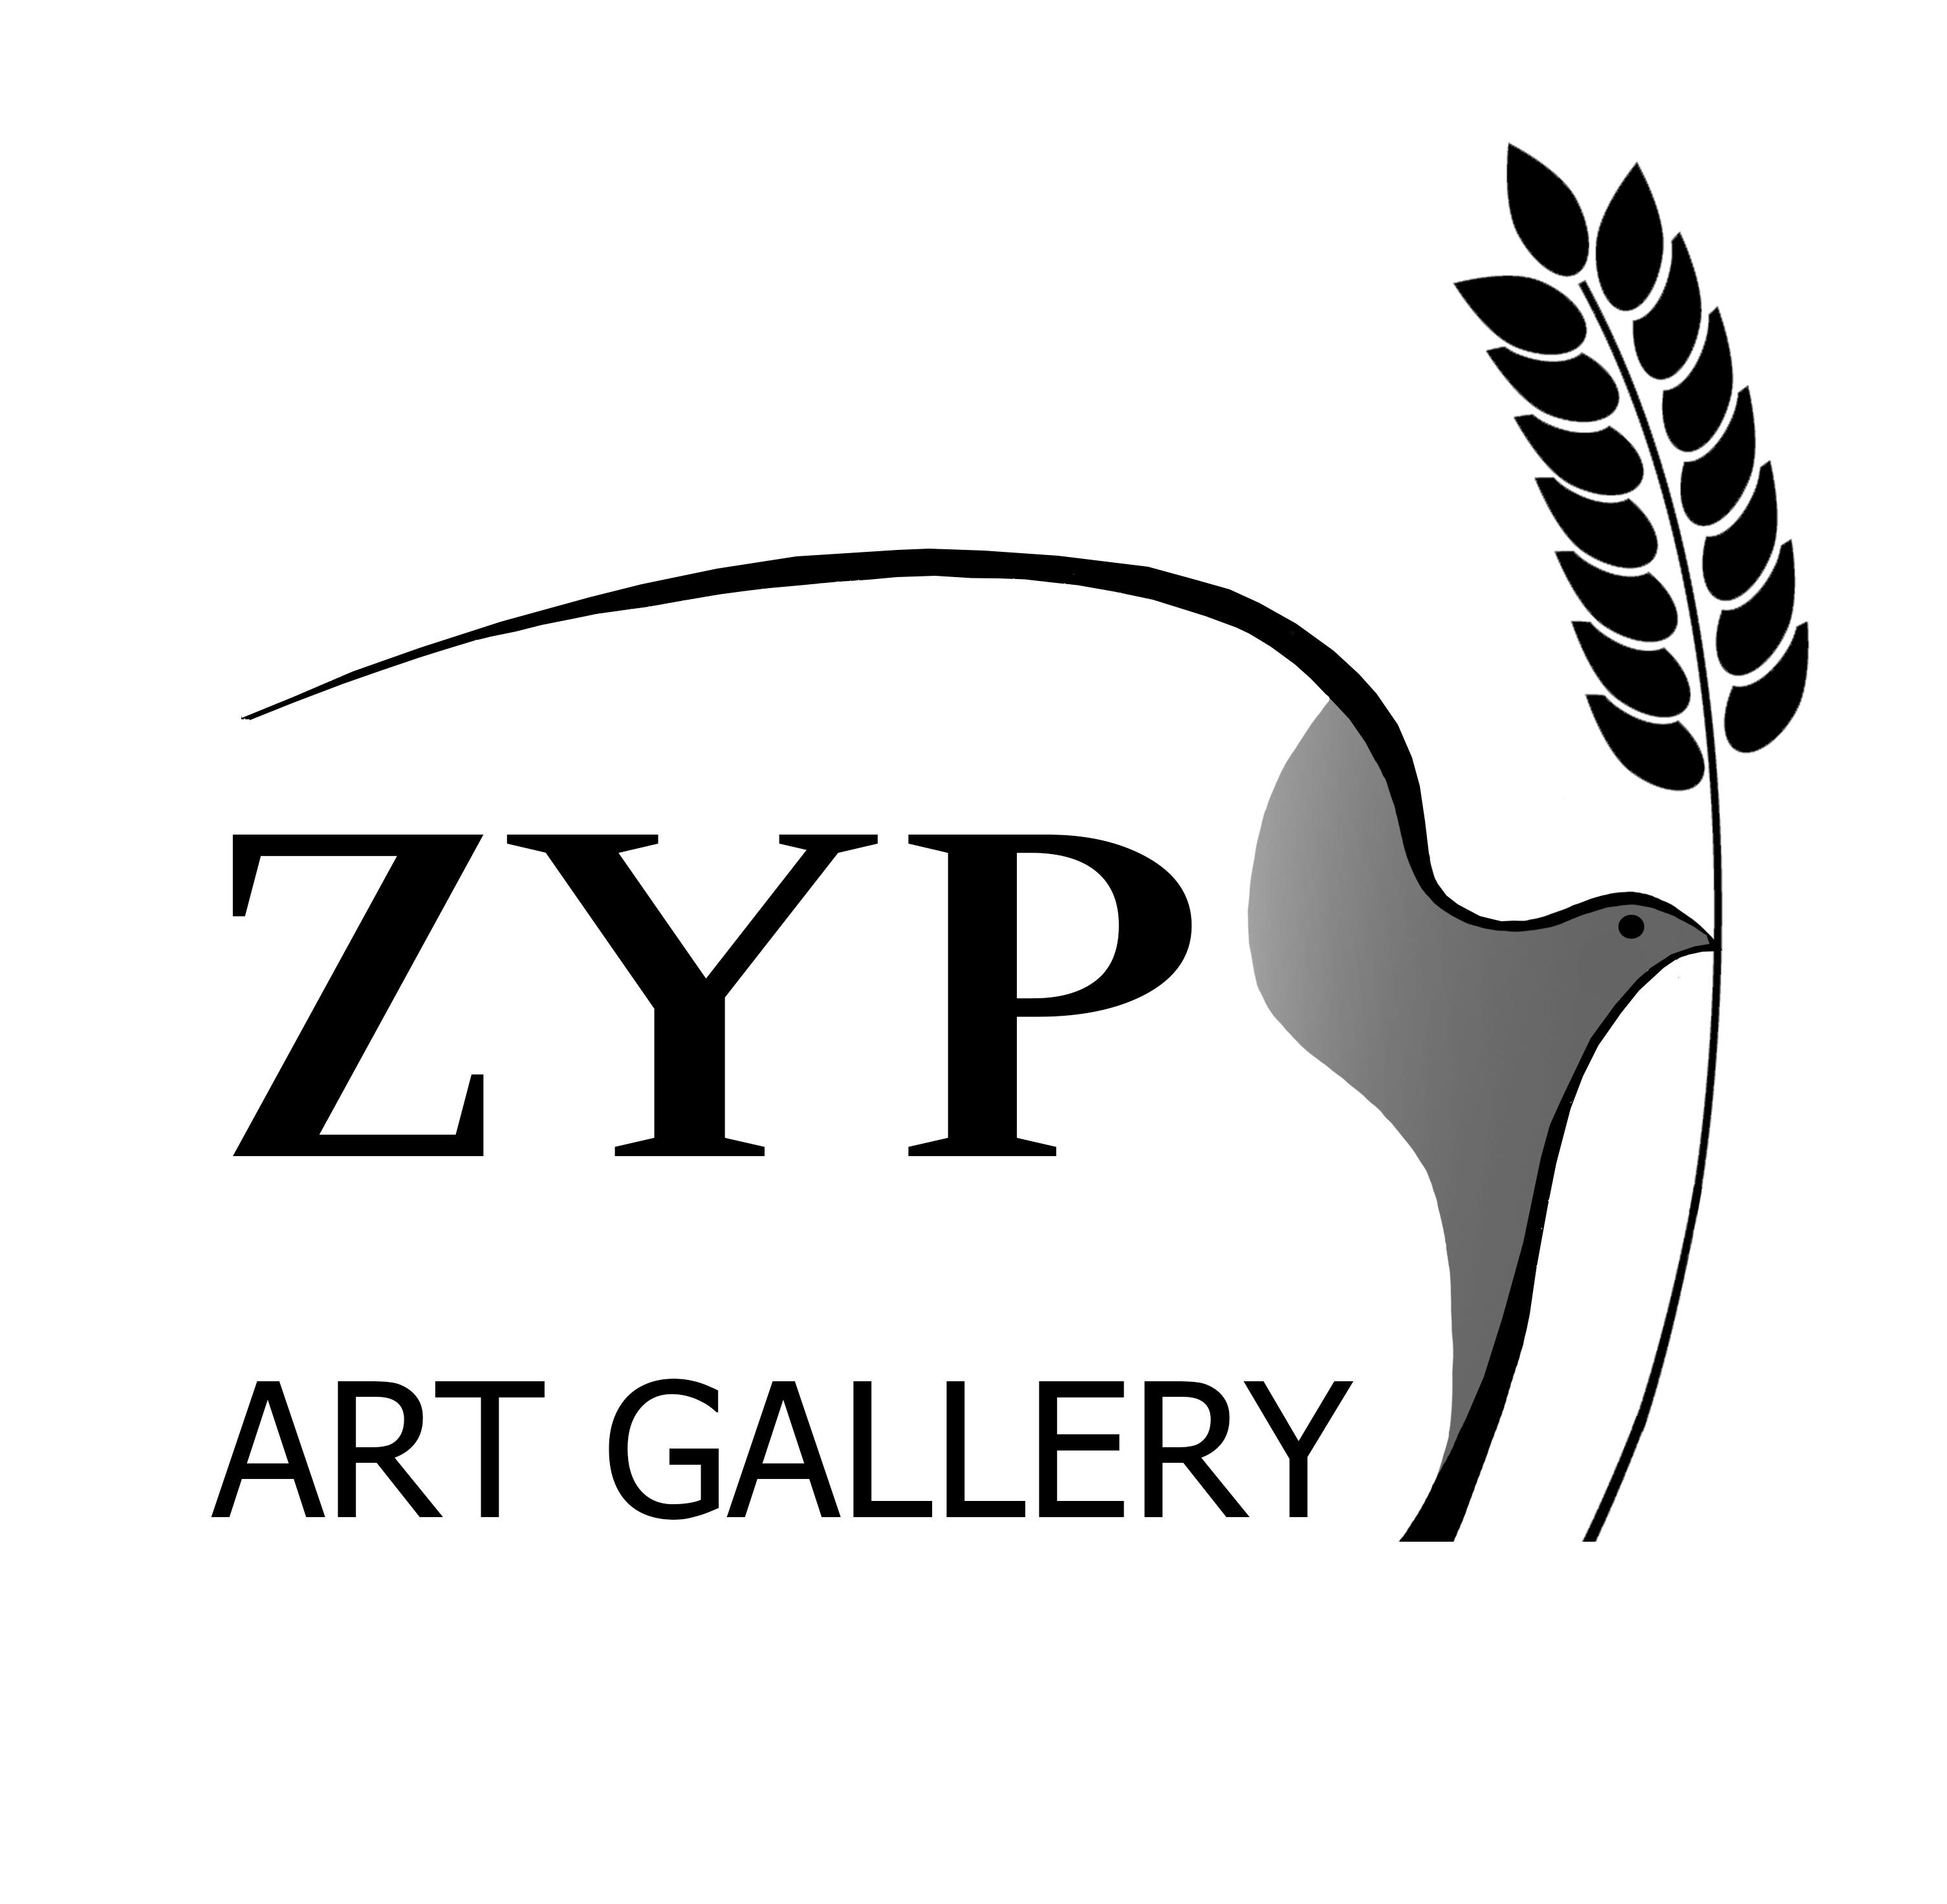 Zyp logo large